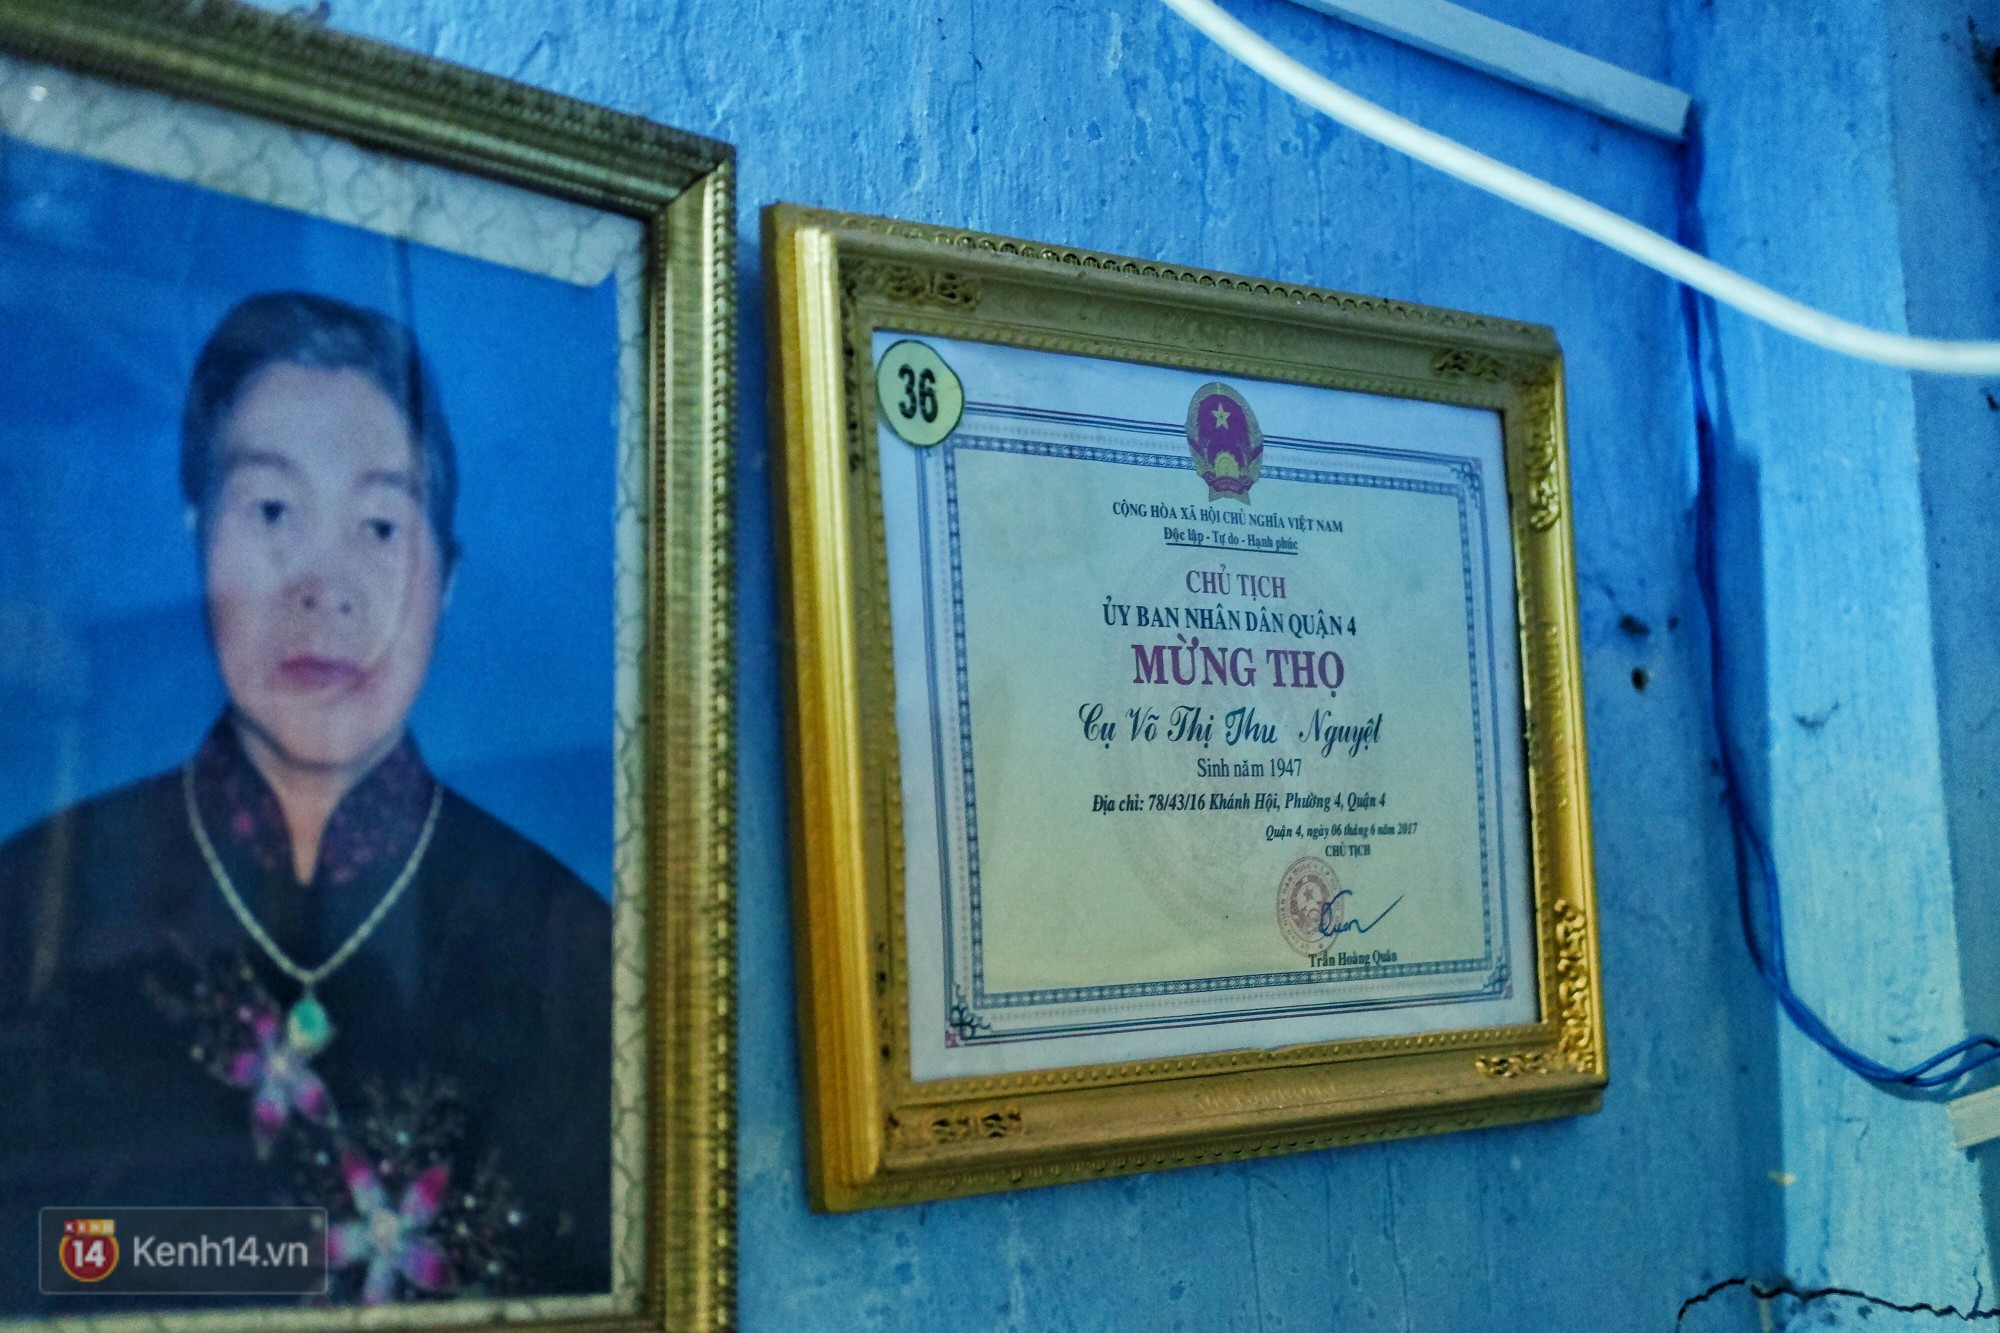 Cụ bà 73 tuổi chạy xe ôm công nghệ để nuôi cháu ở Sài Gòn: Nhiều khi buồn tủi lắm, dính mưa là về bệnh nằm luôn... - Ảnh 3.